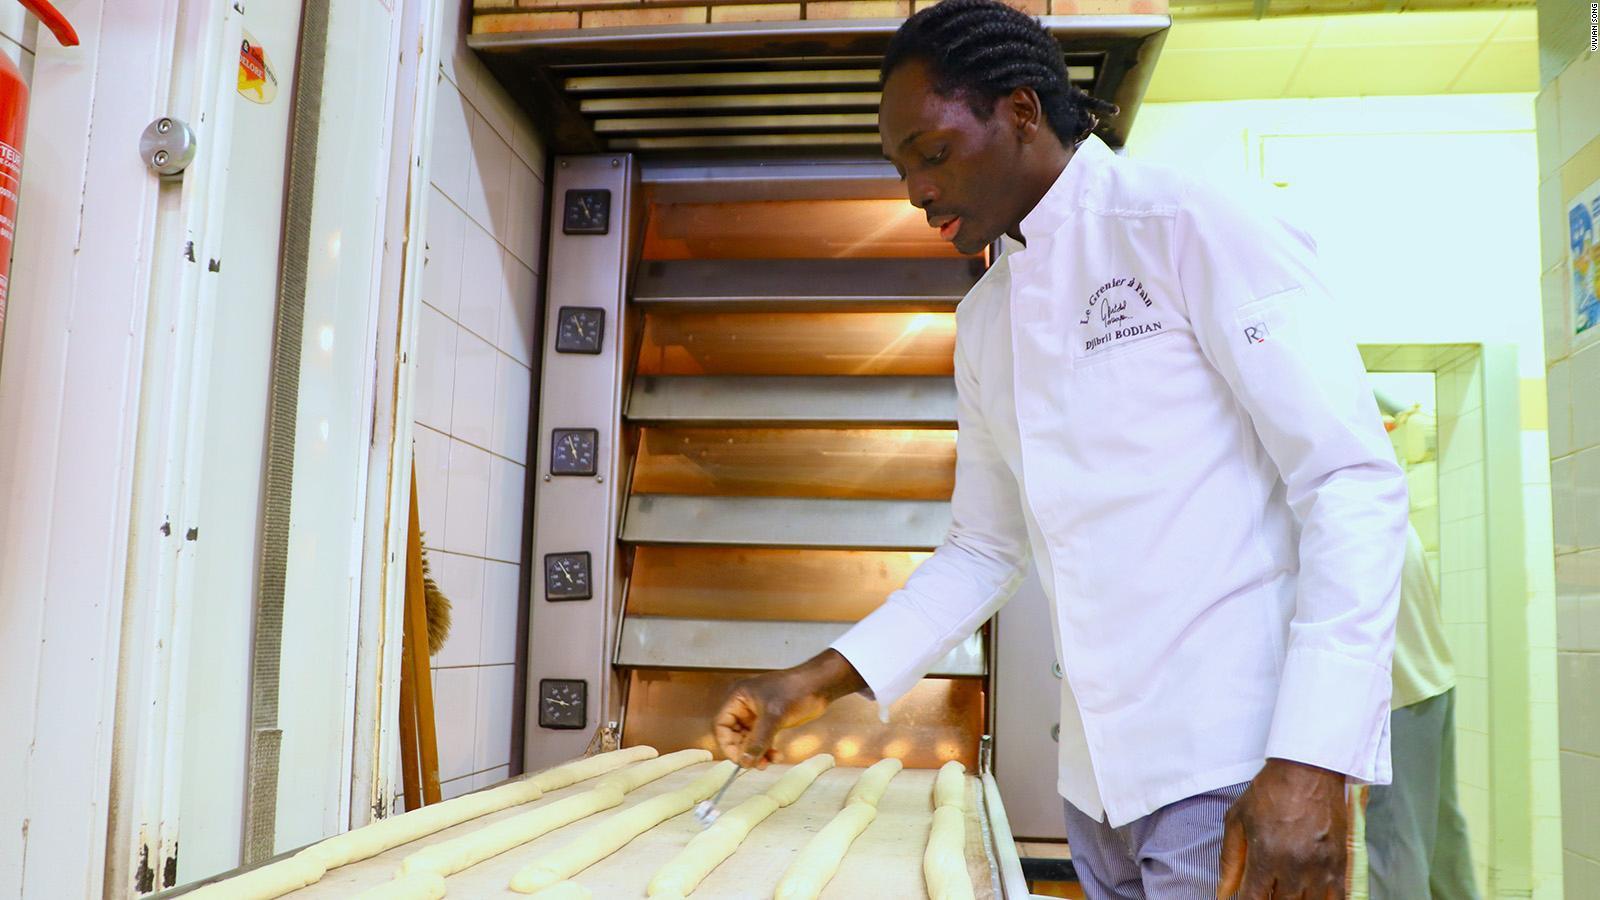 Bí mật món bánh mì gây nghiện ở Pháp - 2